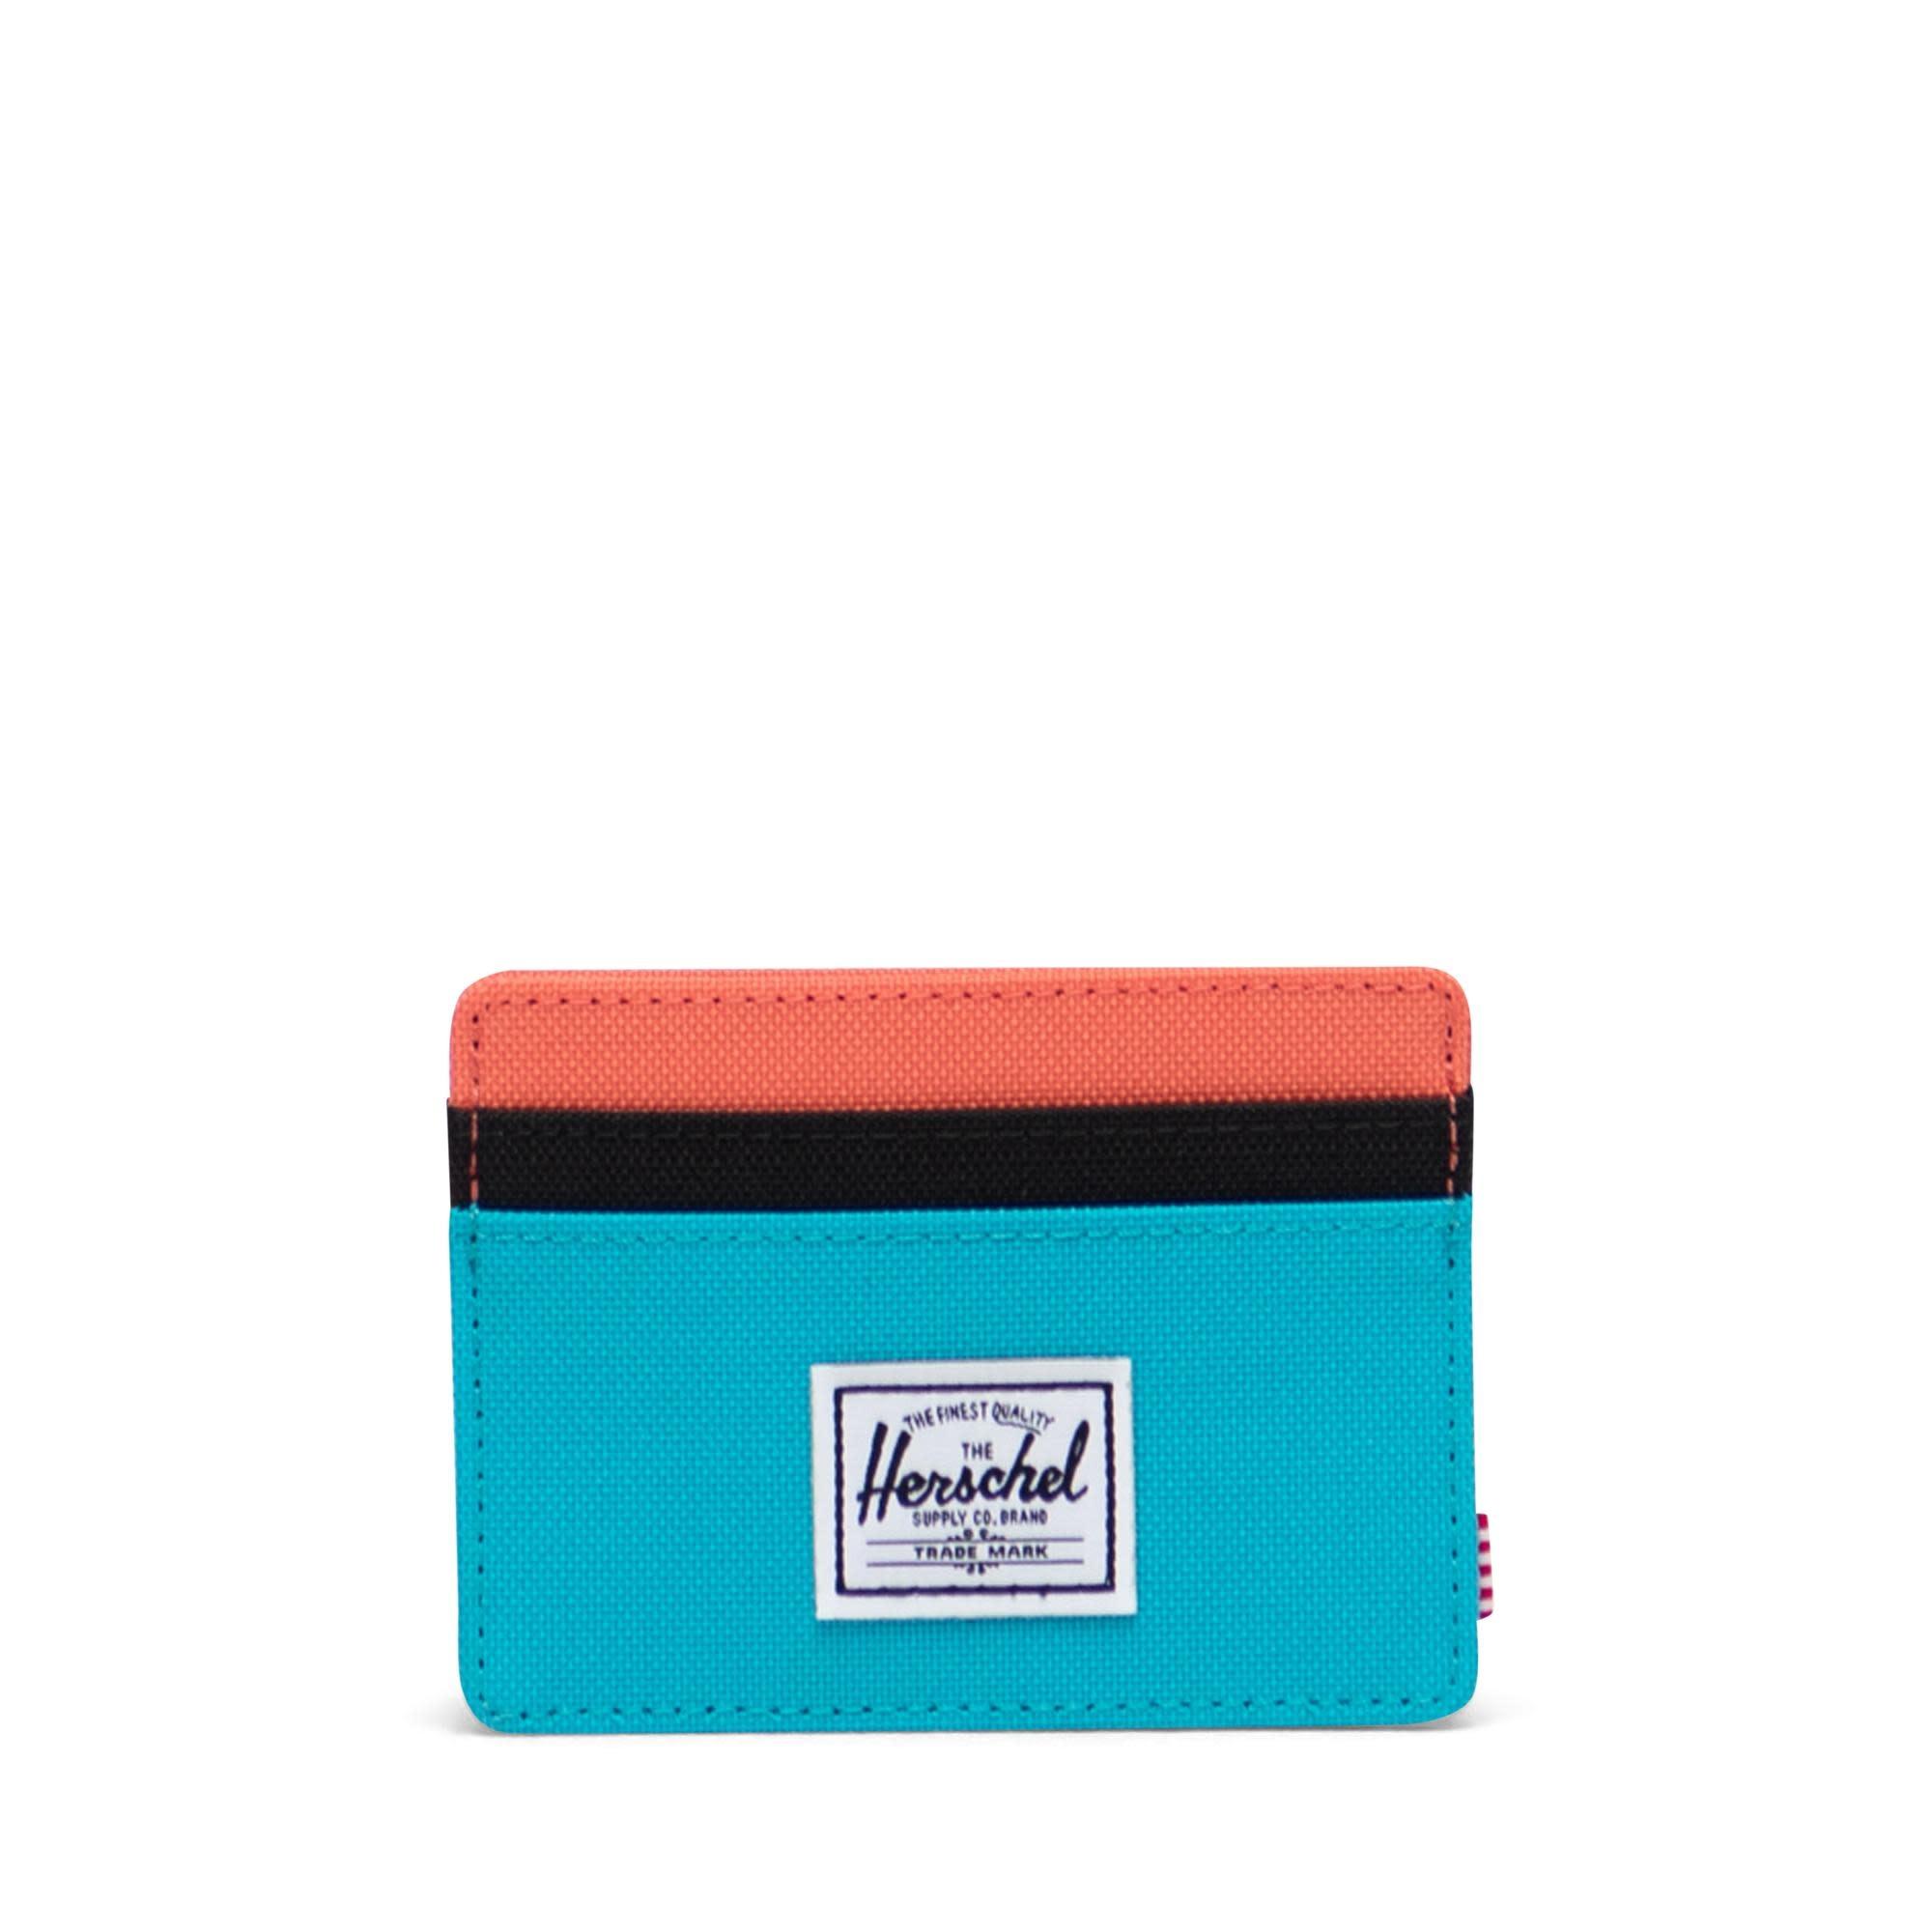 Herschel Supply Co. Herschel Charlie Wallet - Blue Bird/Black Ripstop/Emberglo